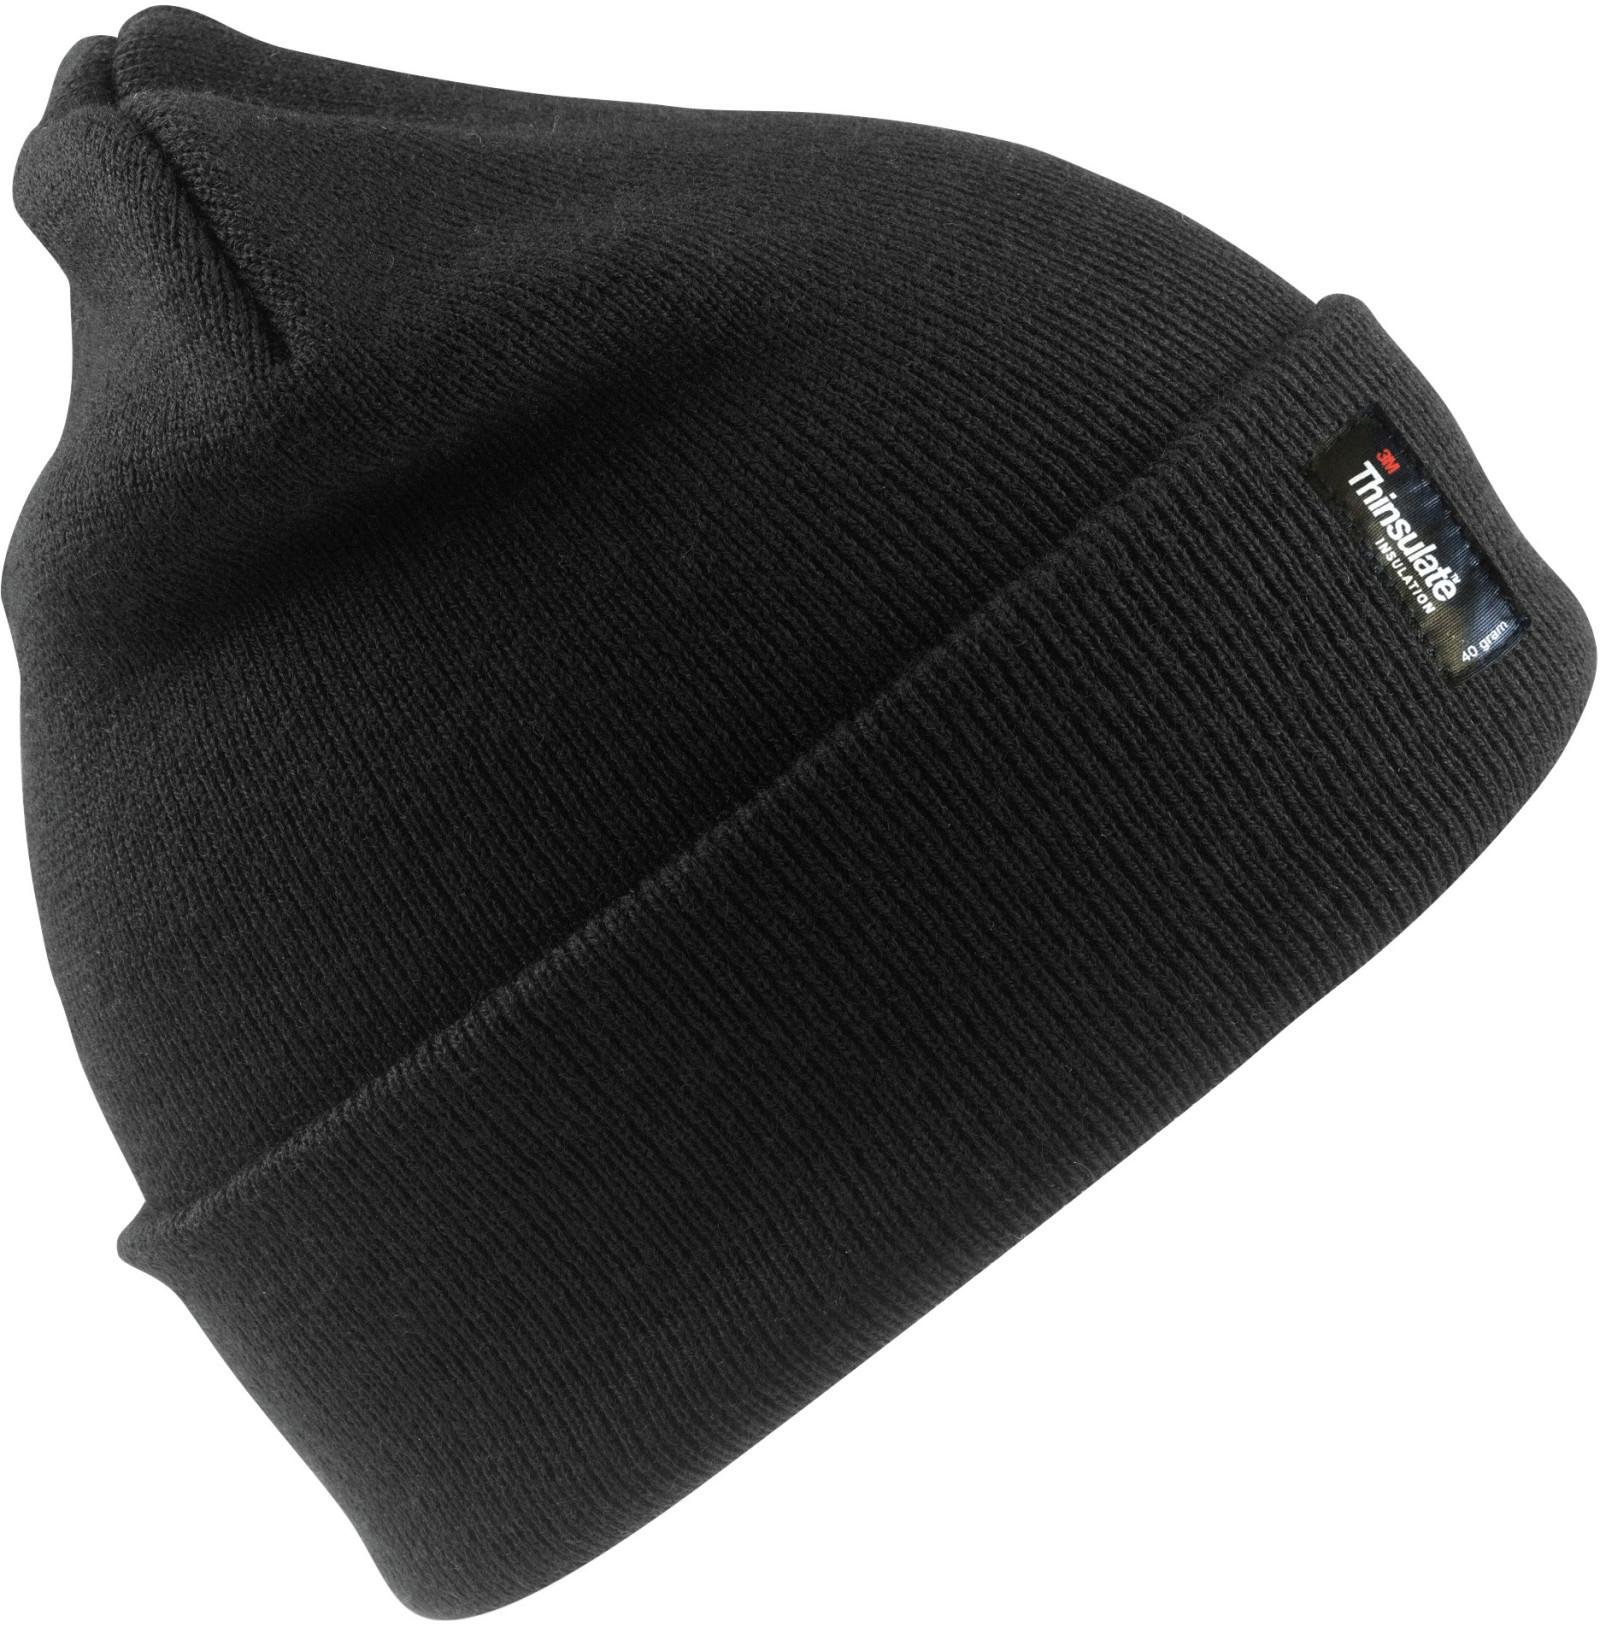 Pletená čepice s podšívkou Thinsulate™